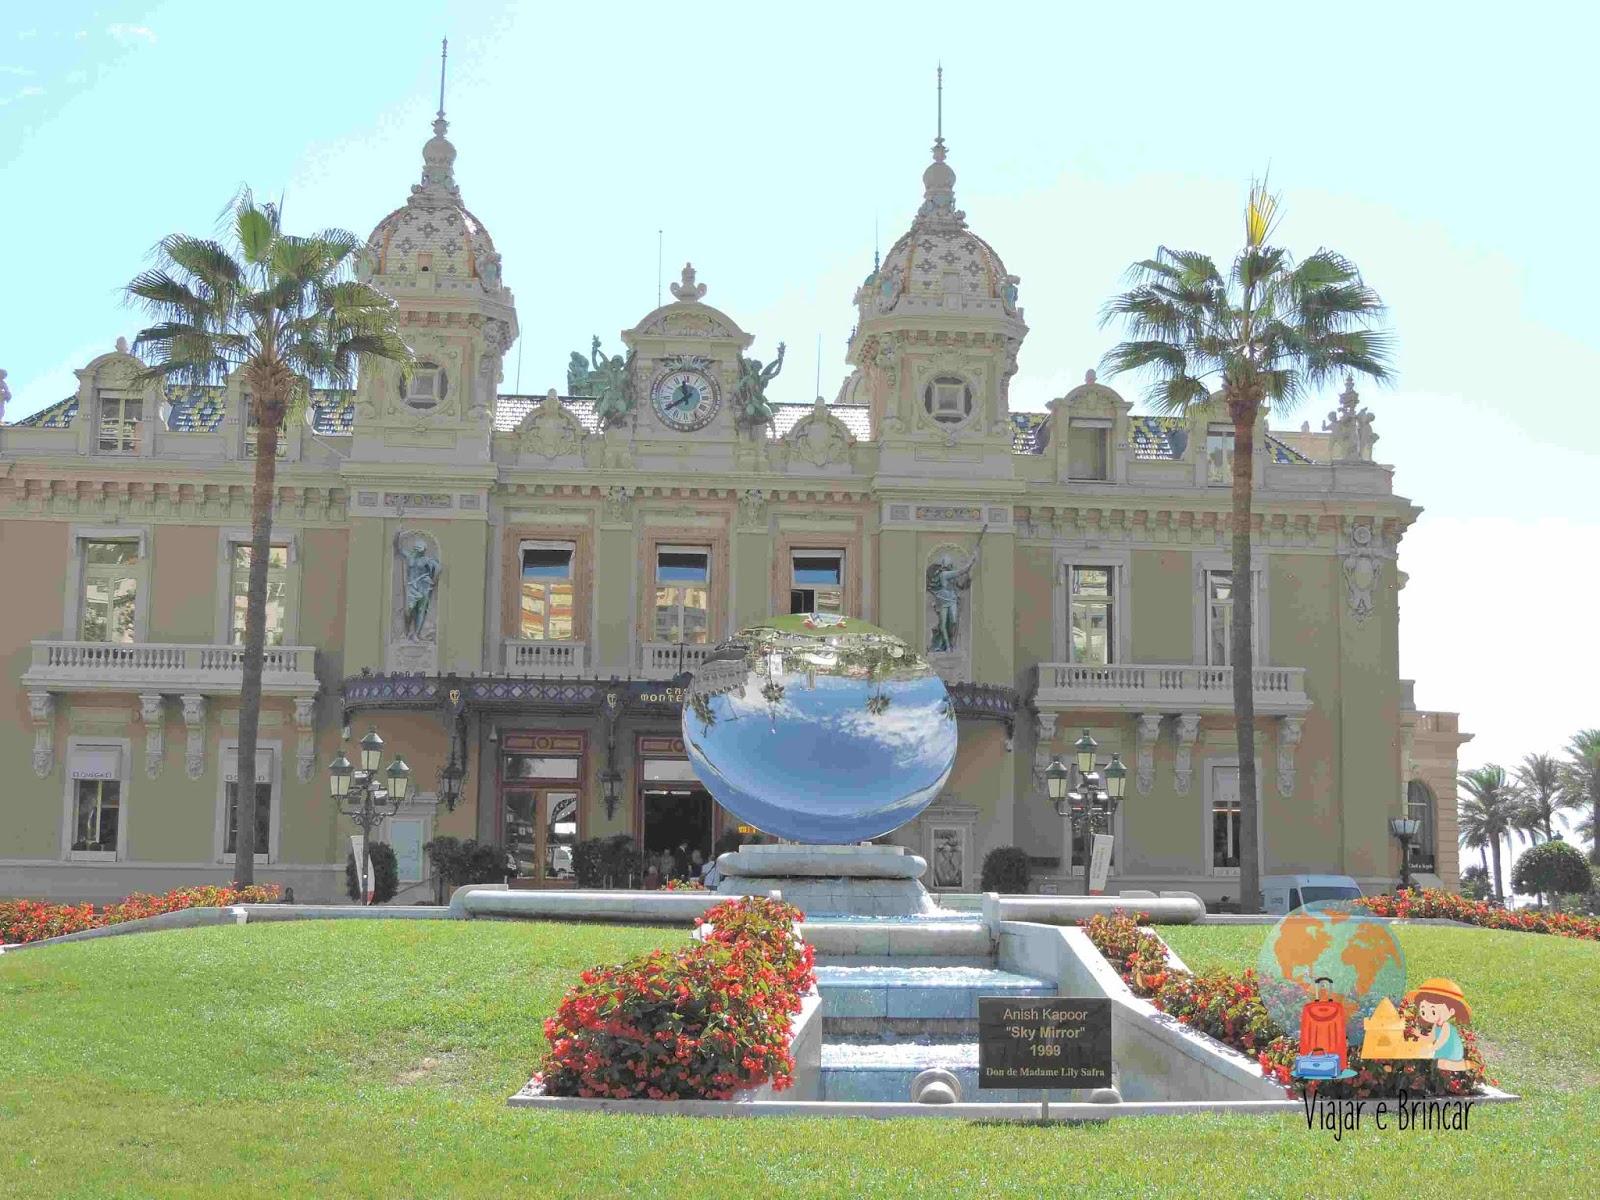 Casino de Monaco fotografado pela família do Blog Viajar e Brincar